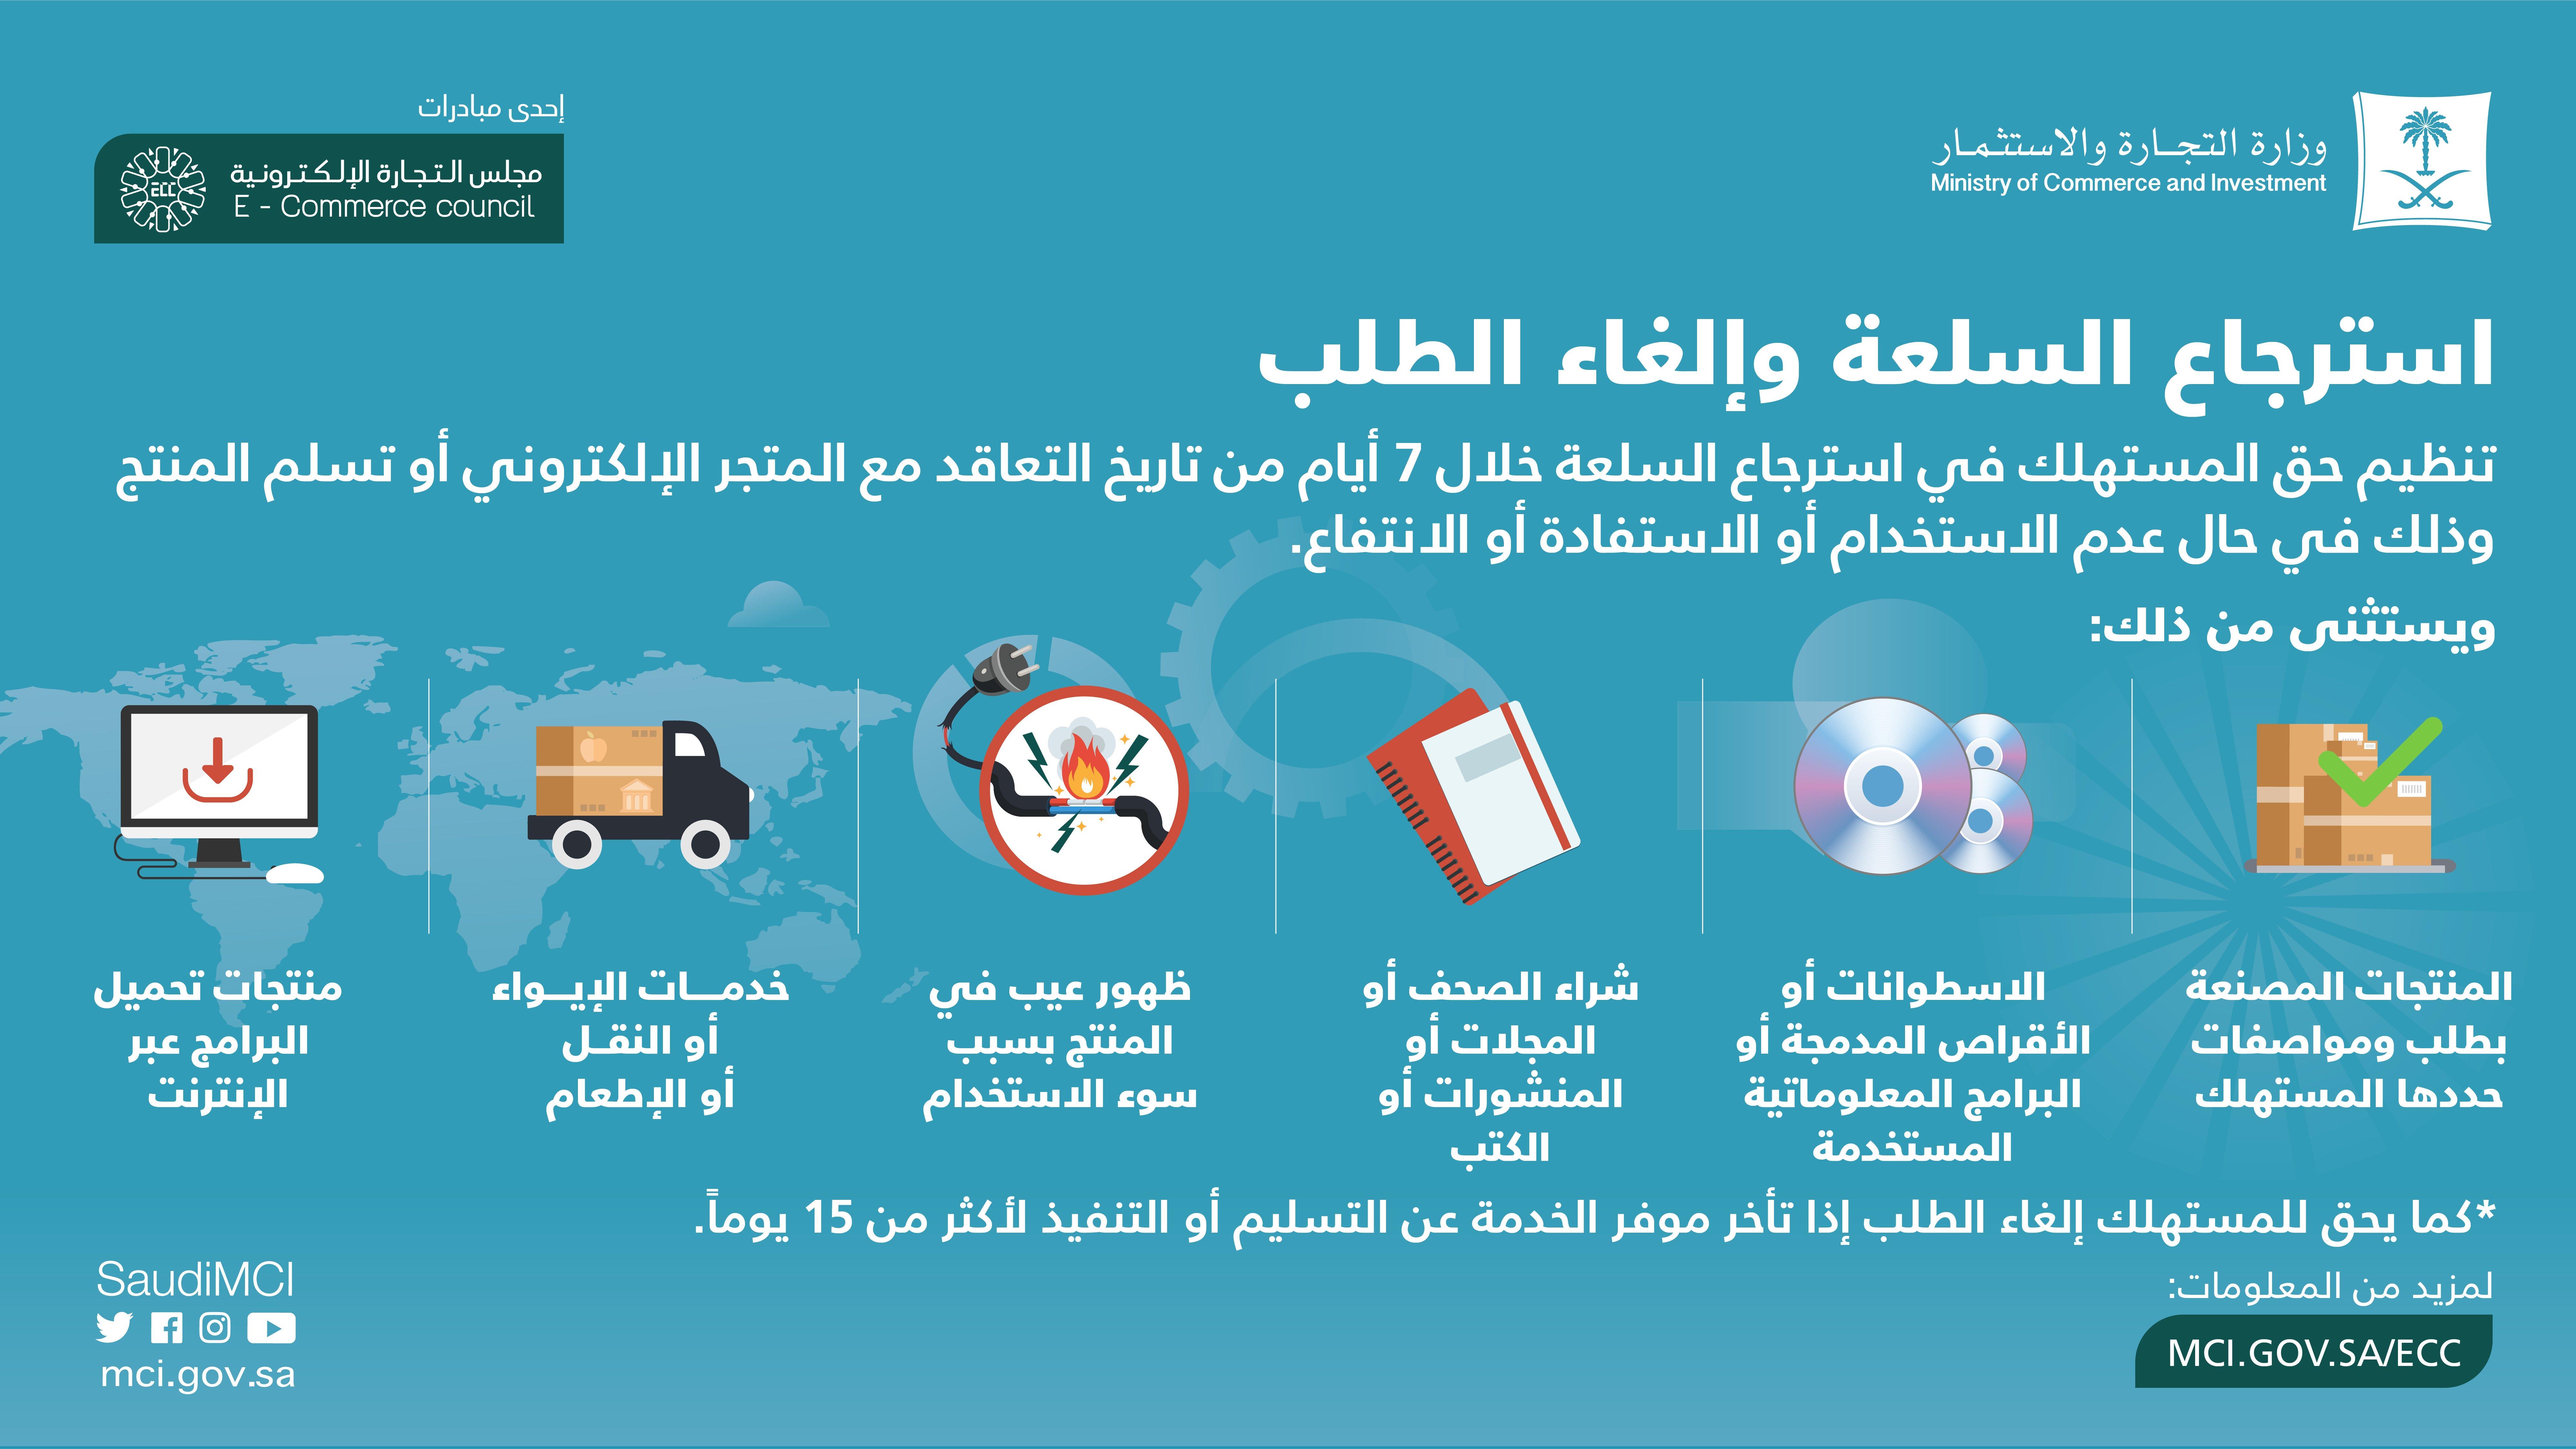 التسوق الإلكتروني في السعودية